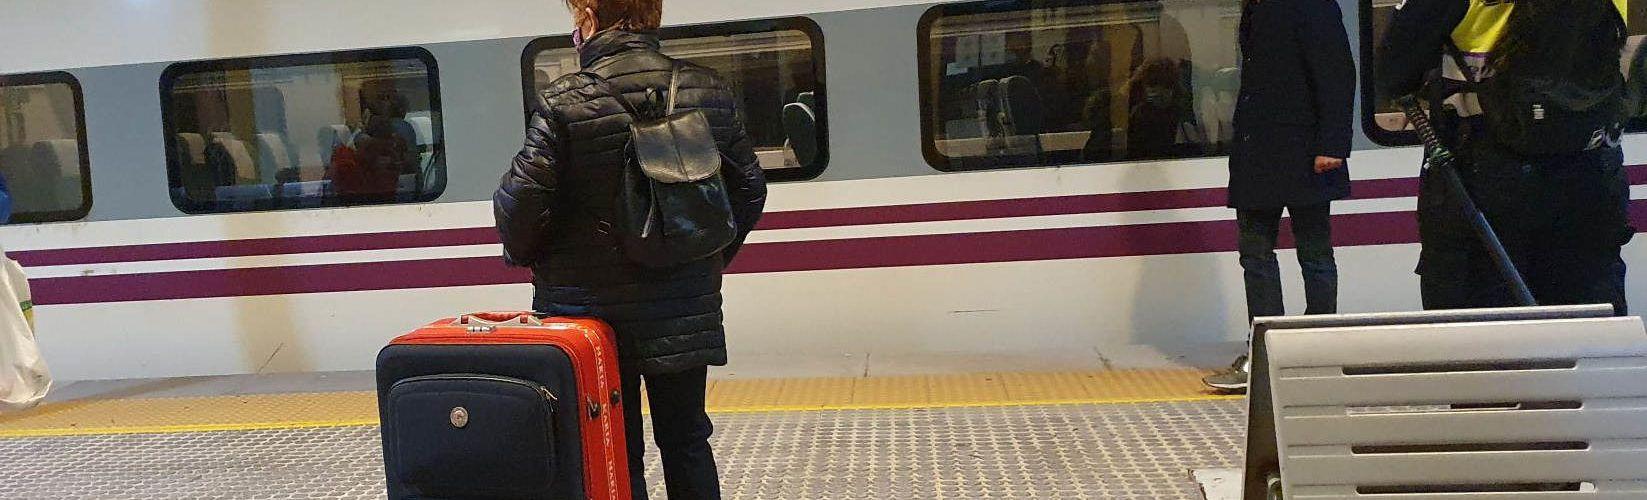 Preocupación y dudas por las obras del Corredor entre Castelló y Vinaròs